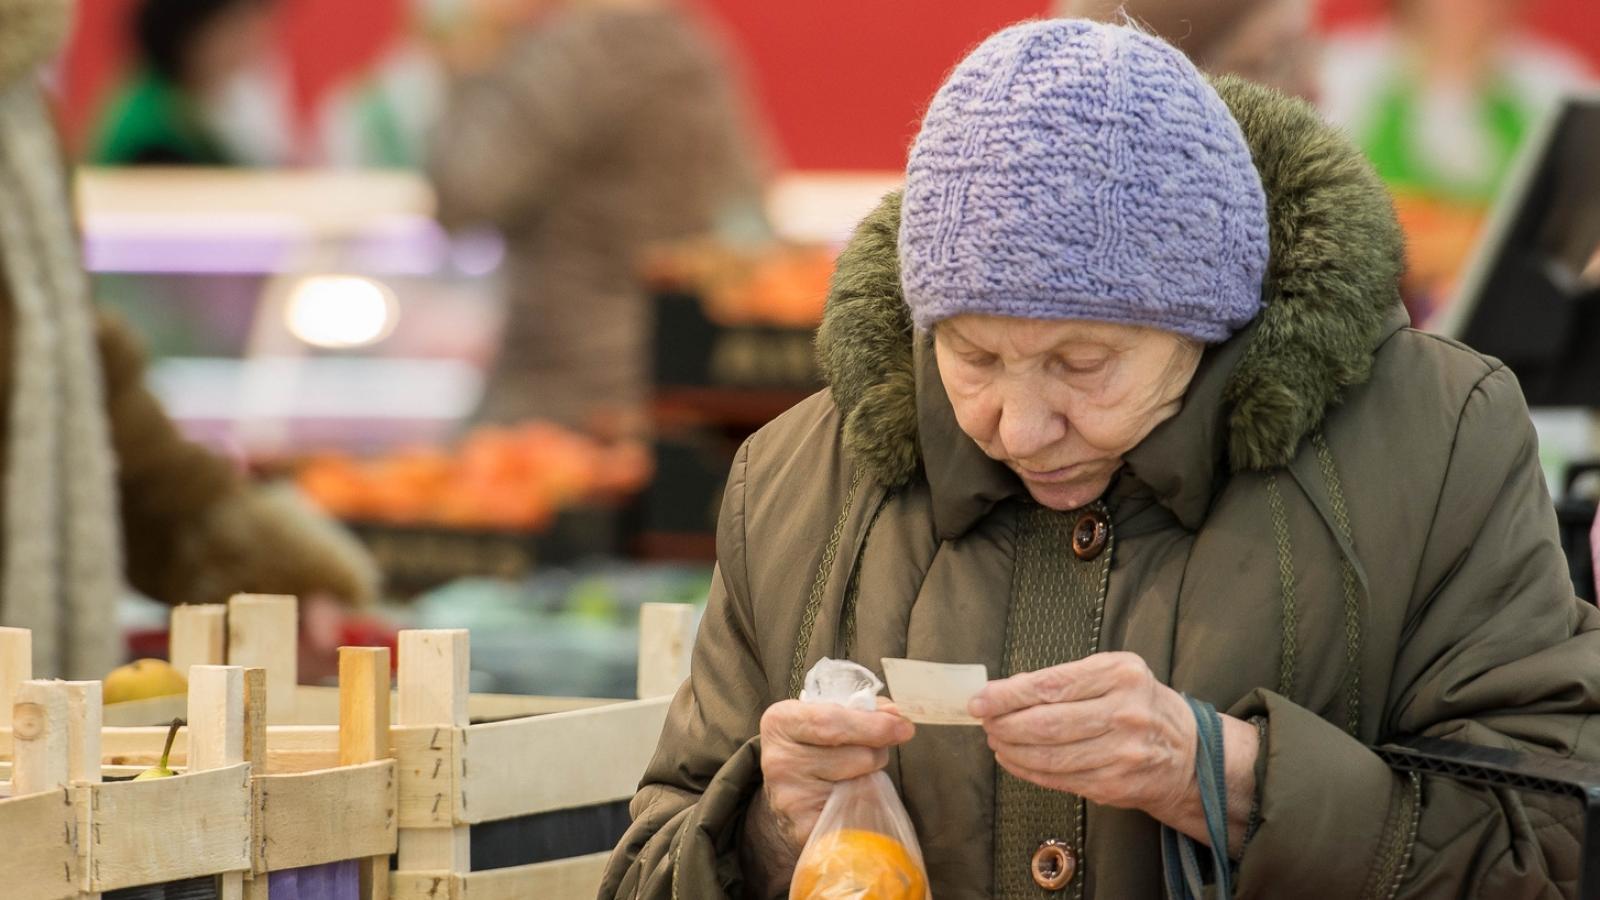 Обязаны ли магазины сдерживать цены на сахар и масло?